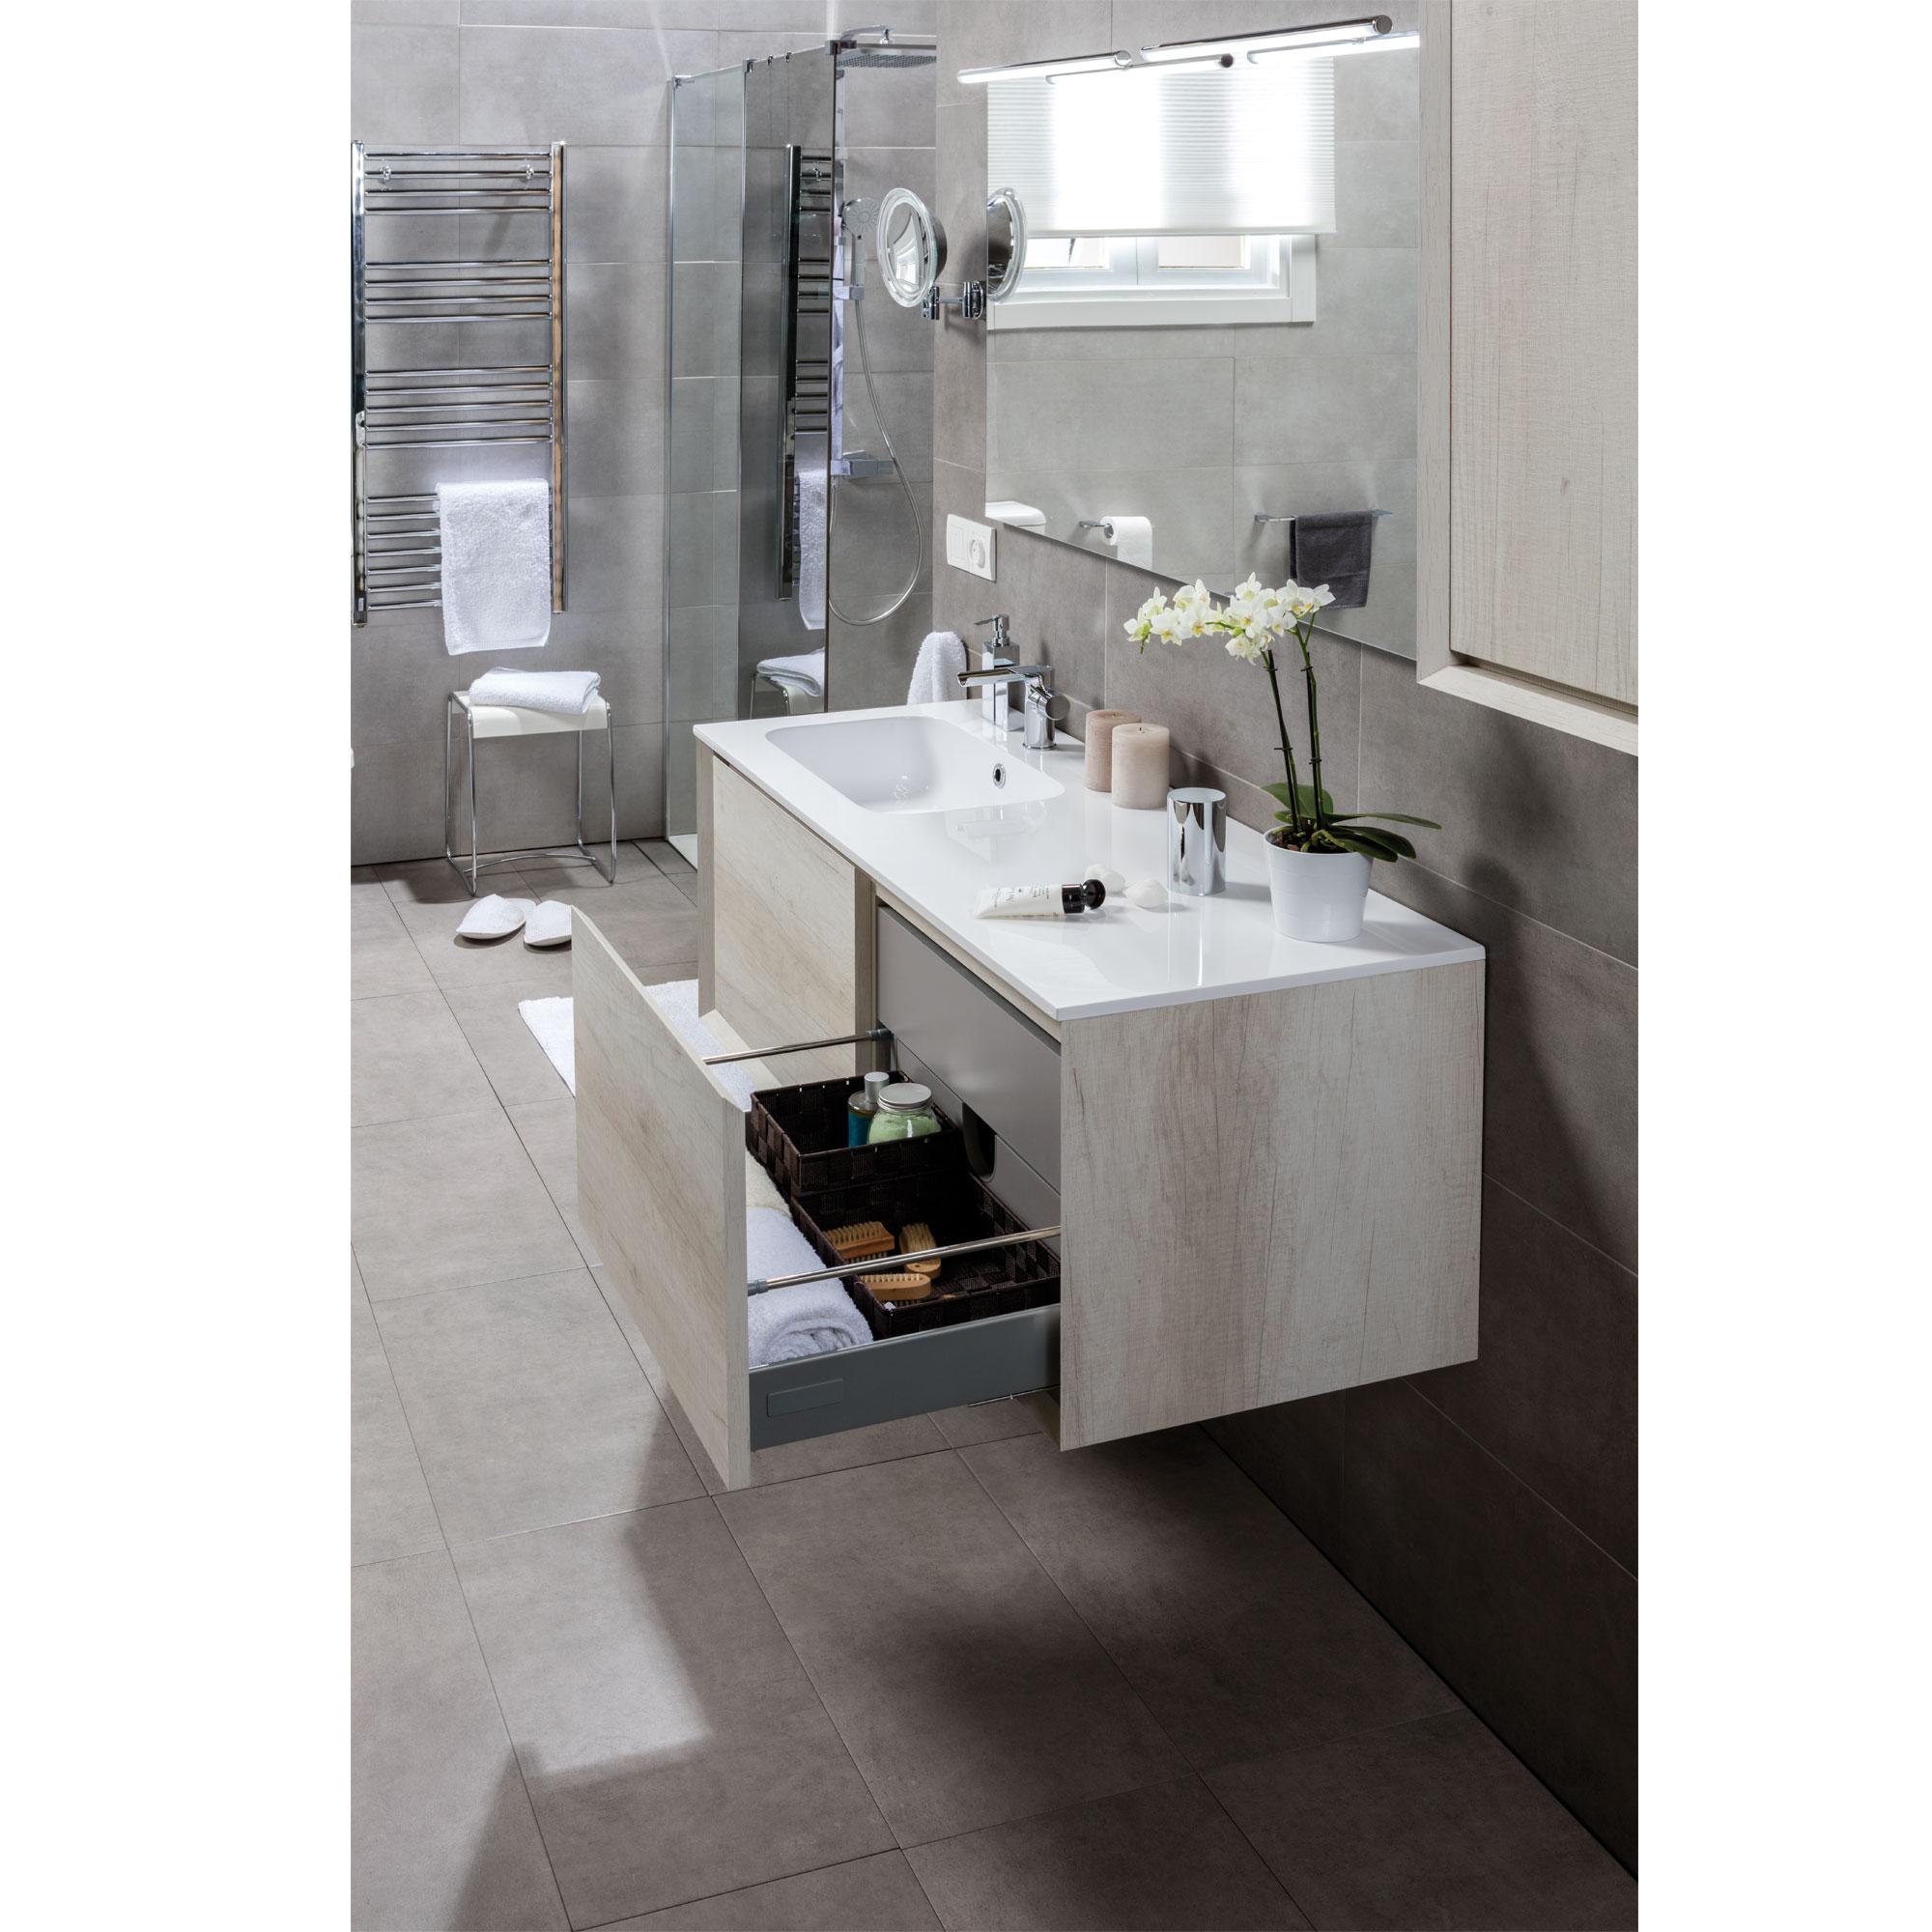 Muebles lavabo gamma for Muebles para debajo del lavabo